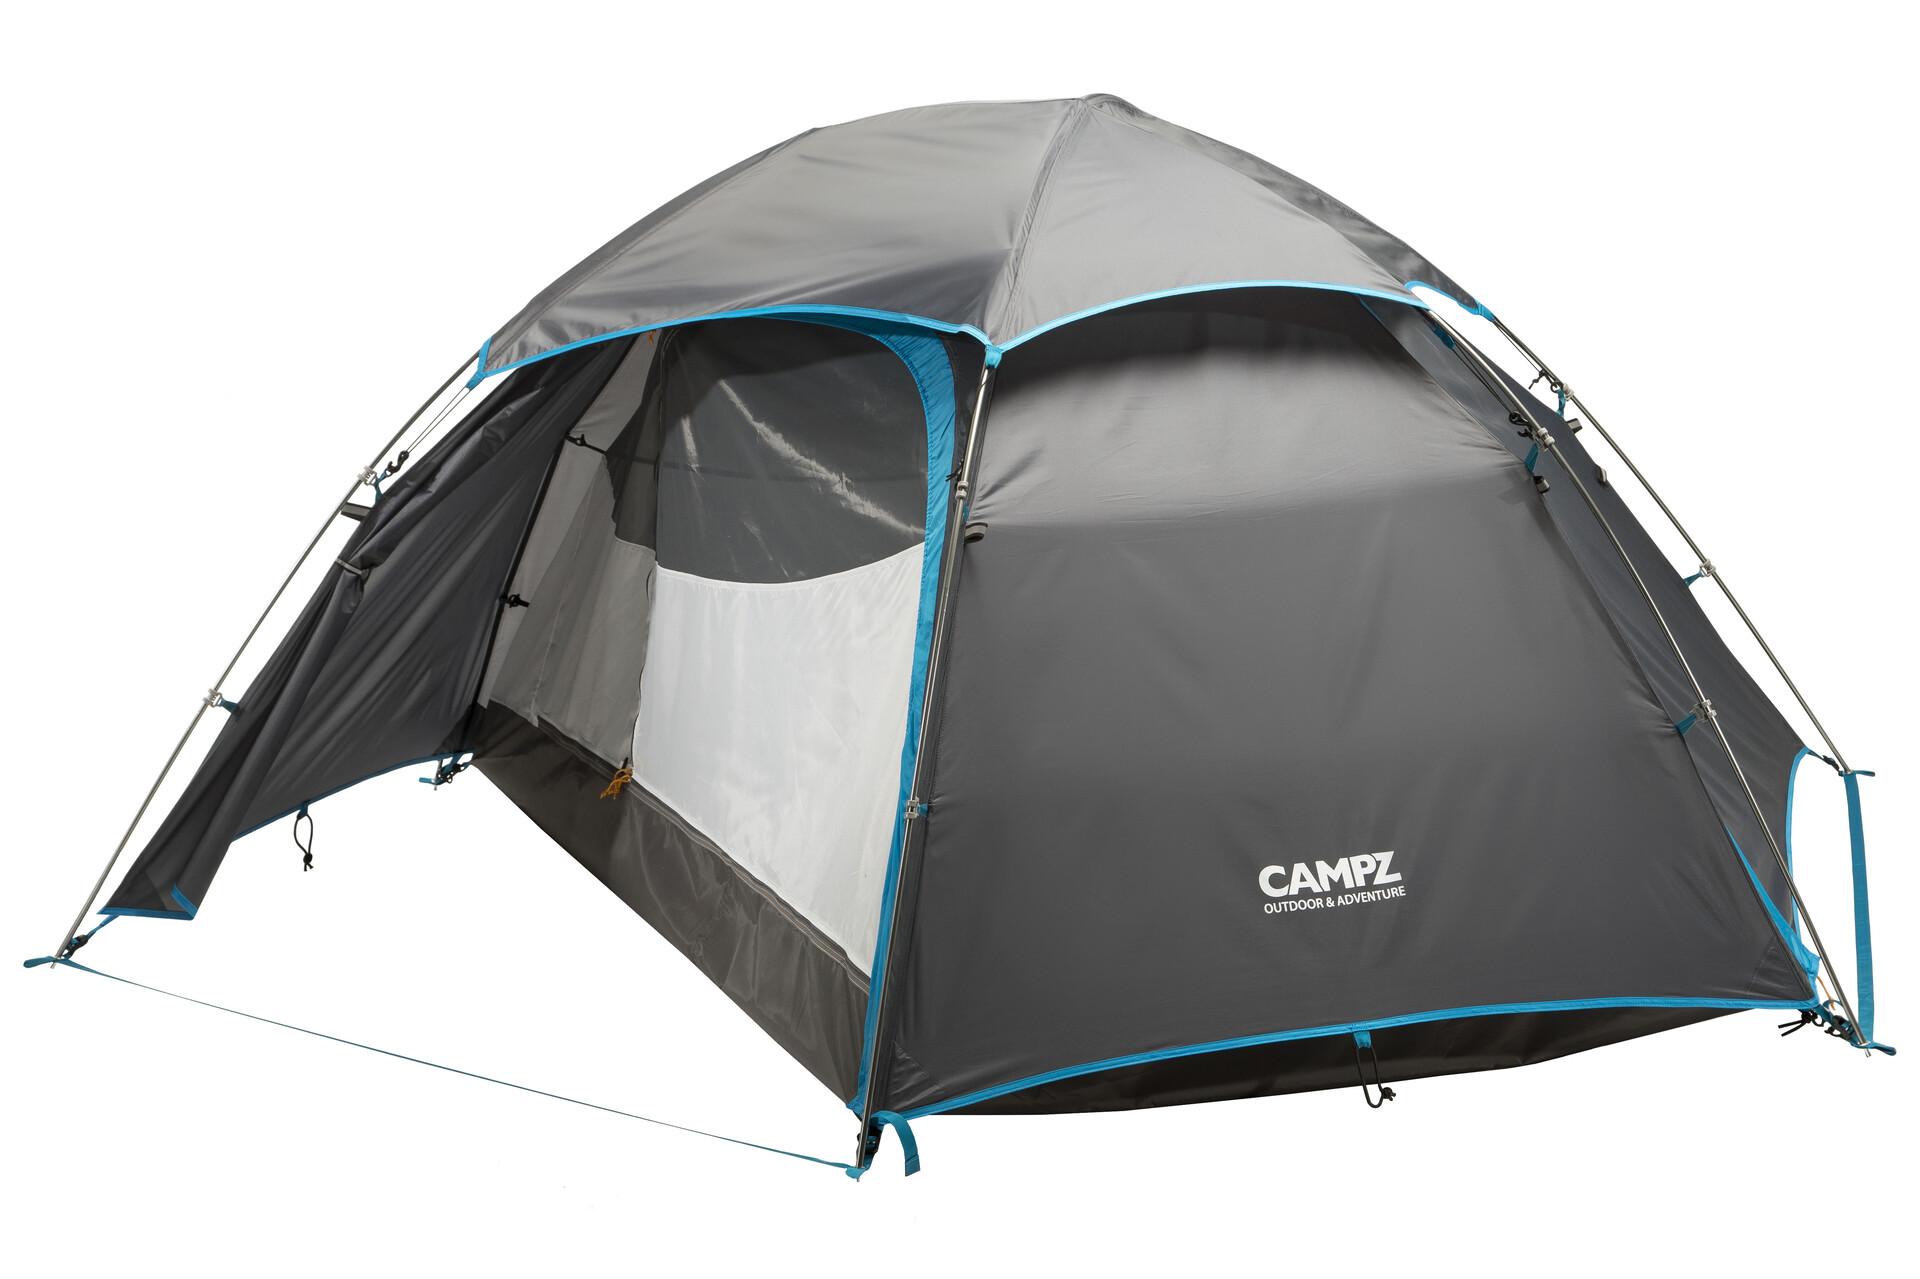 CAMPZ Vira 2P Zelt gr/ün//Olive 2019 Camping-Zelt